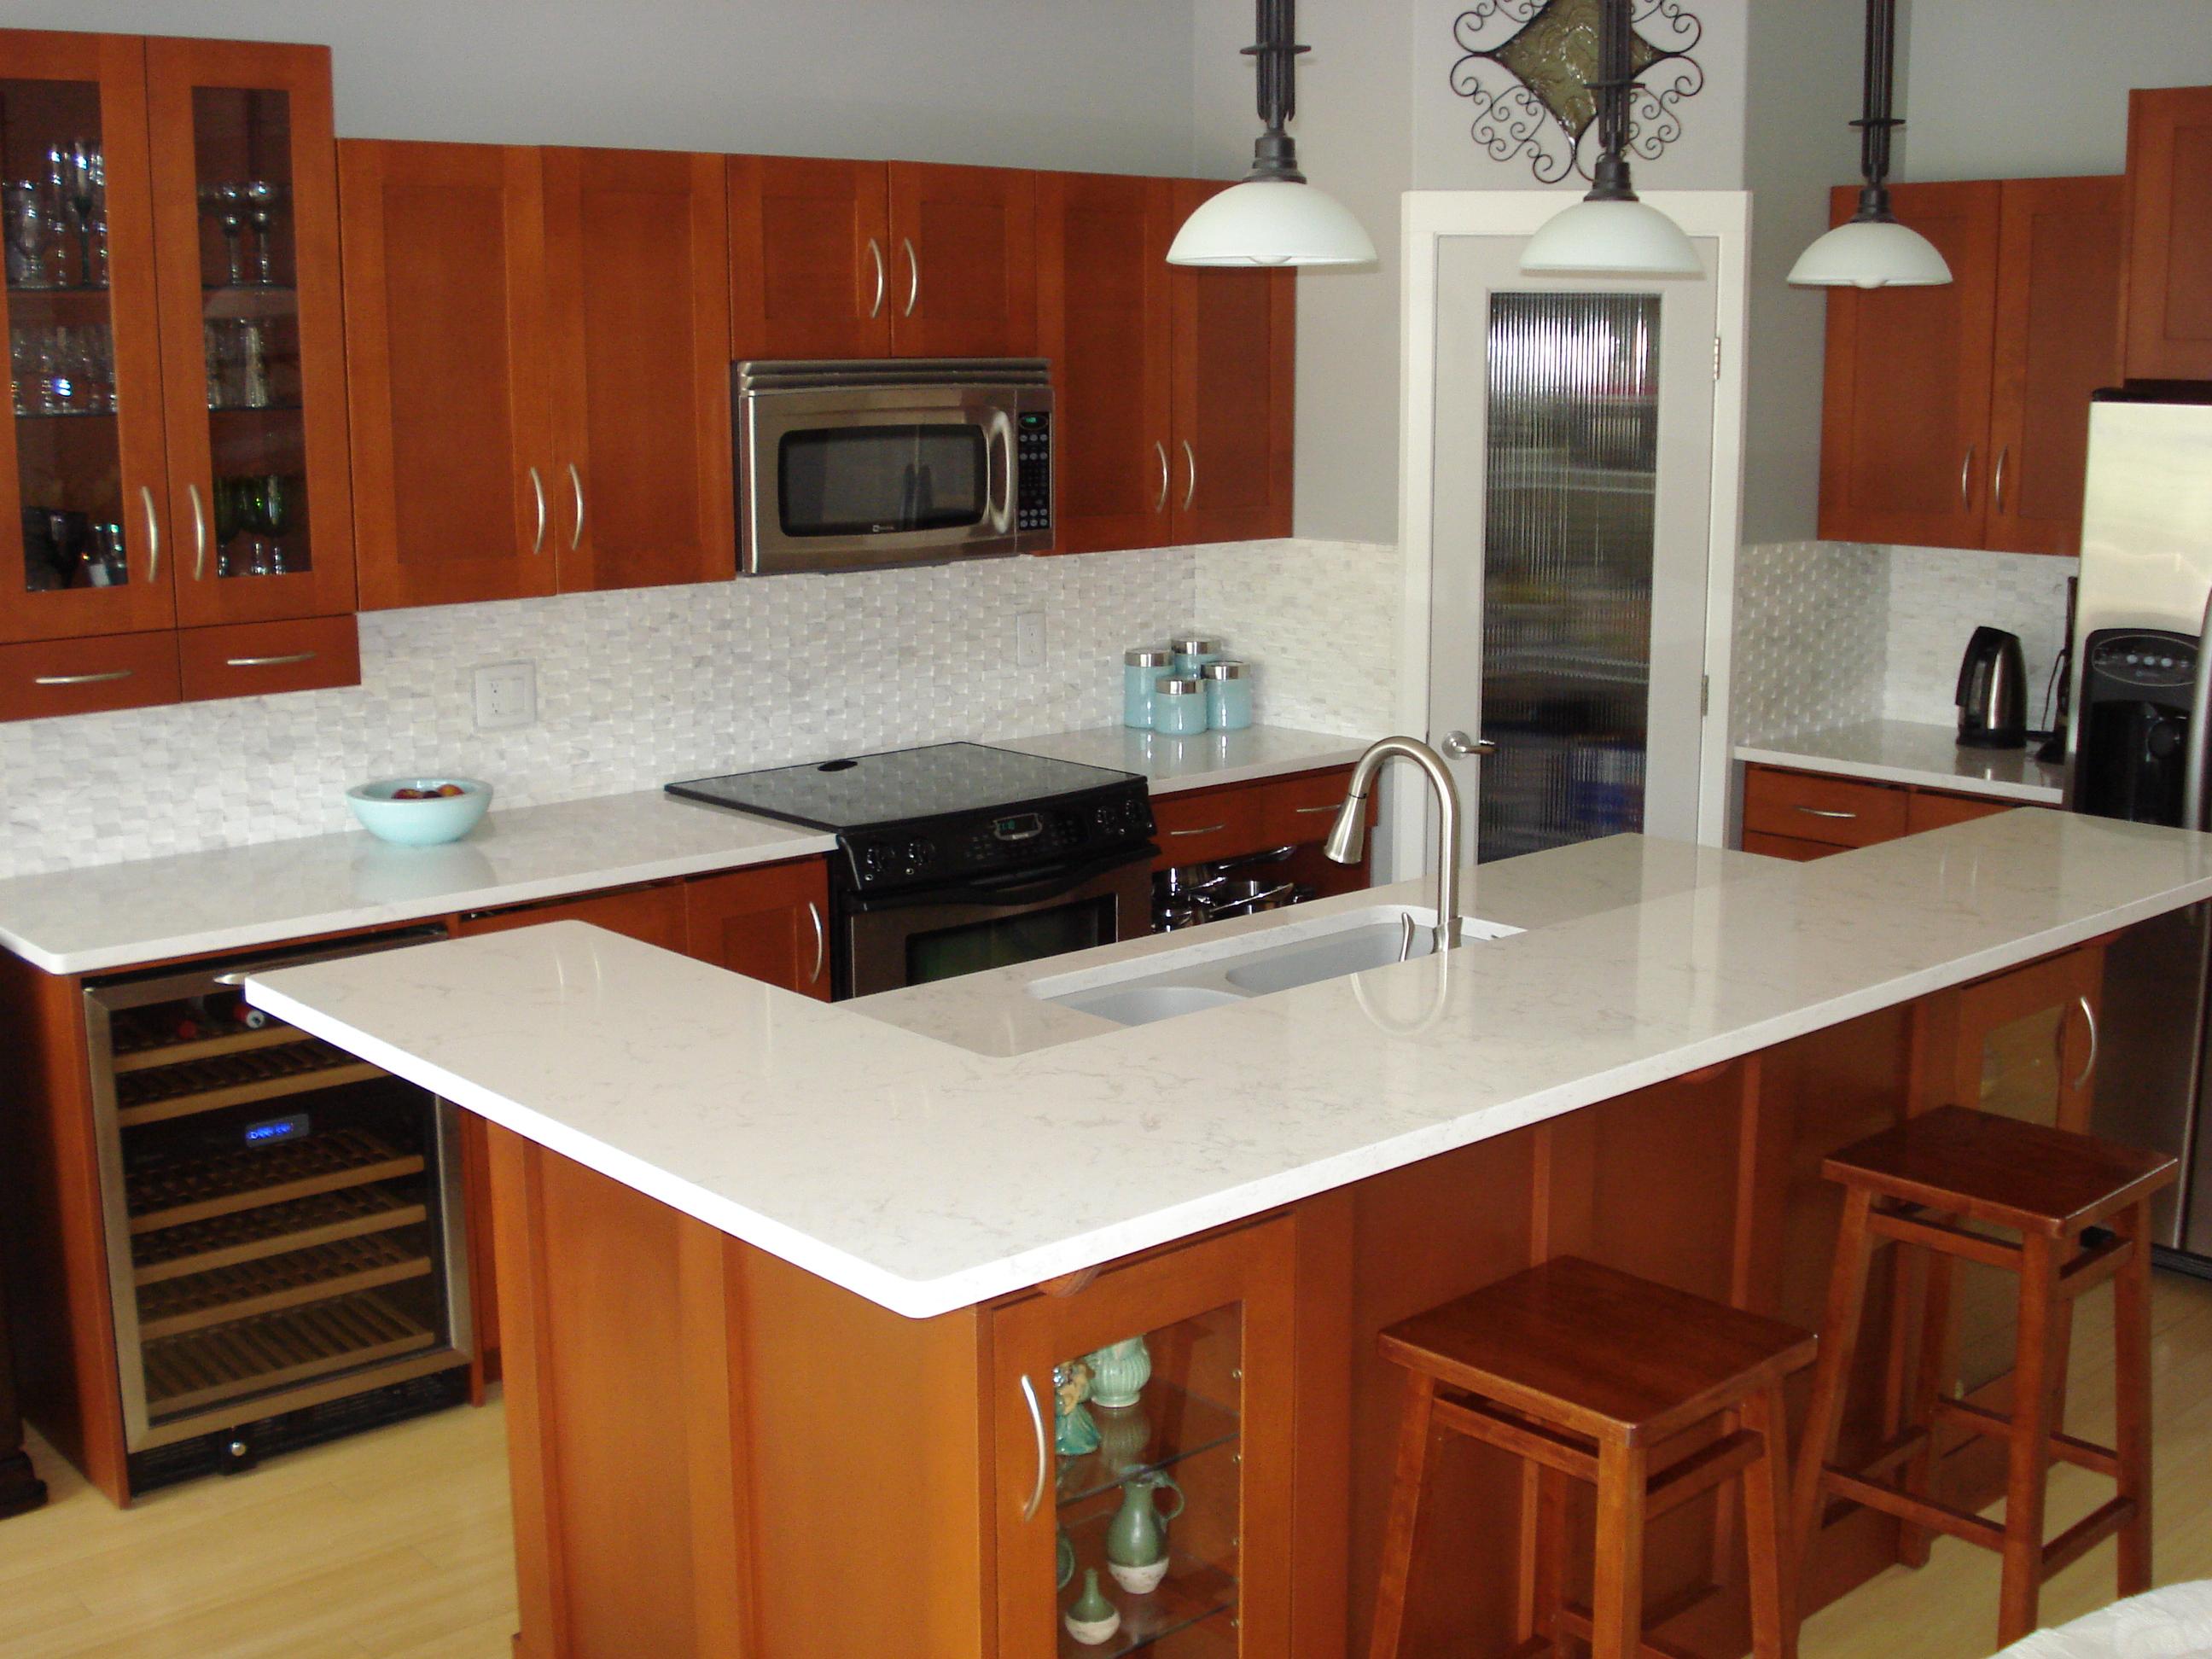 quartz countertops madeira stone penticton kelowna 2 countertops for kitchens Gorgeous White Quartz Countertops Make a Statement in this Okanagan Kitchen